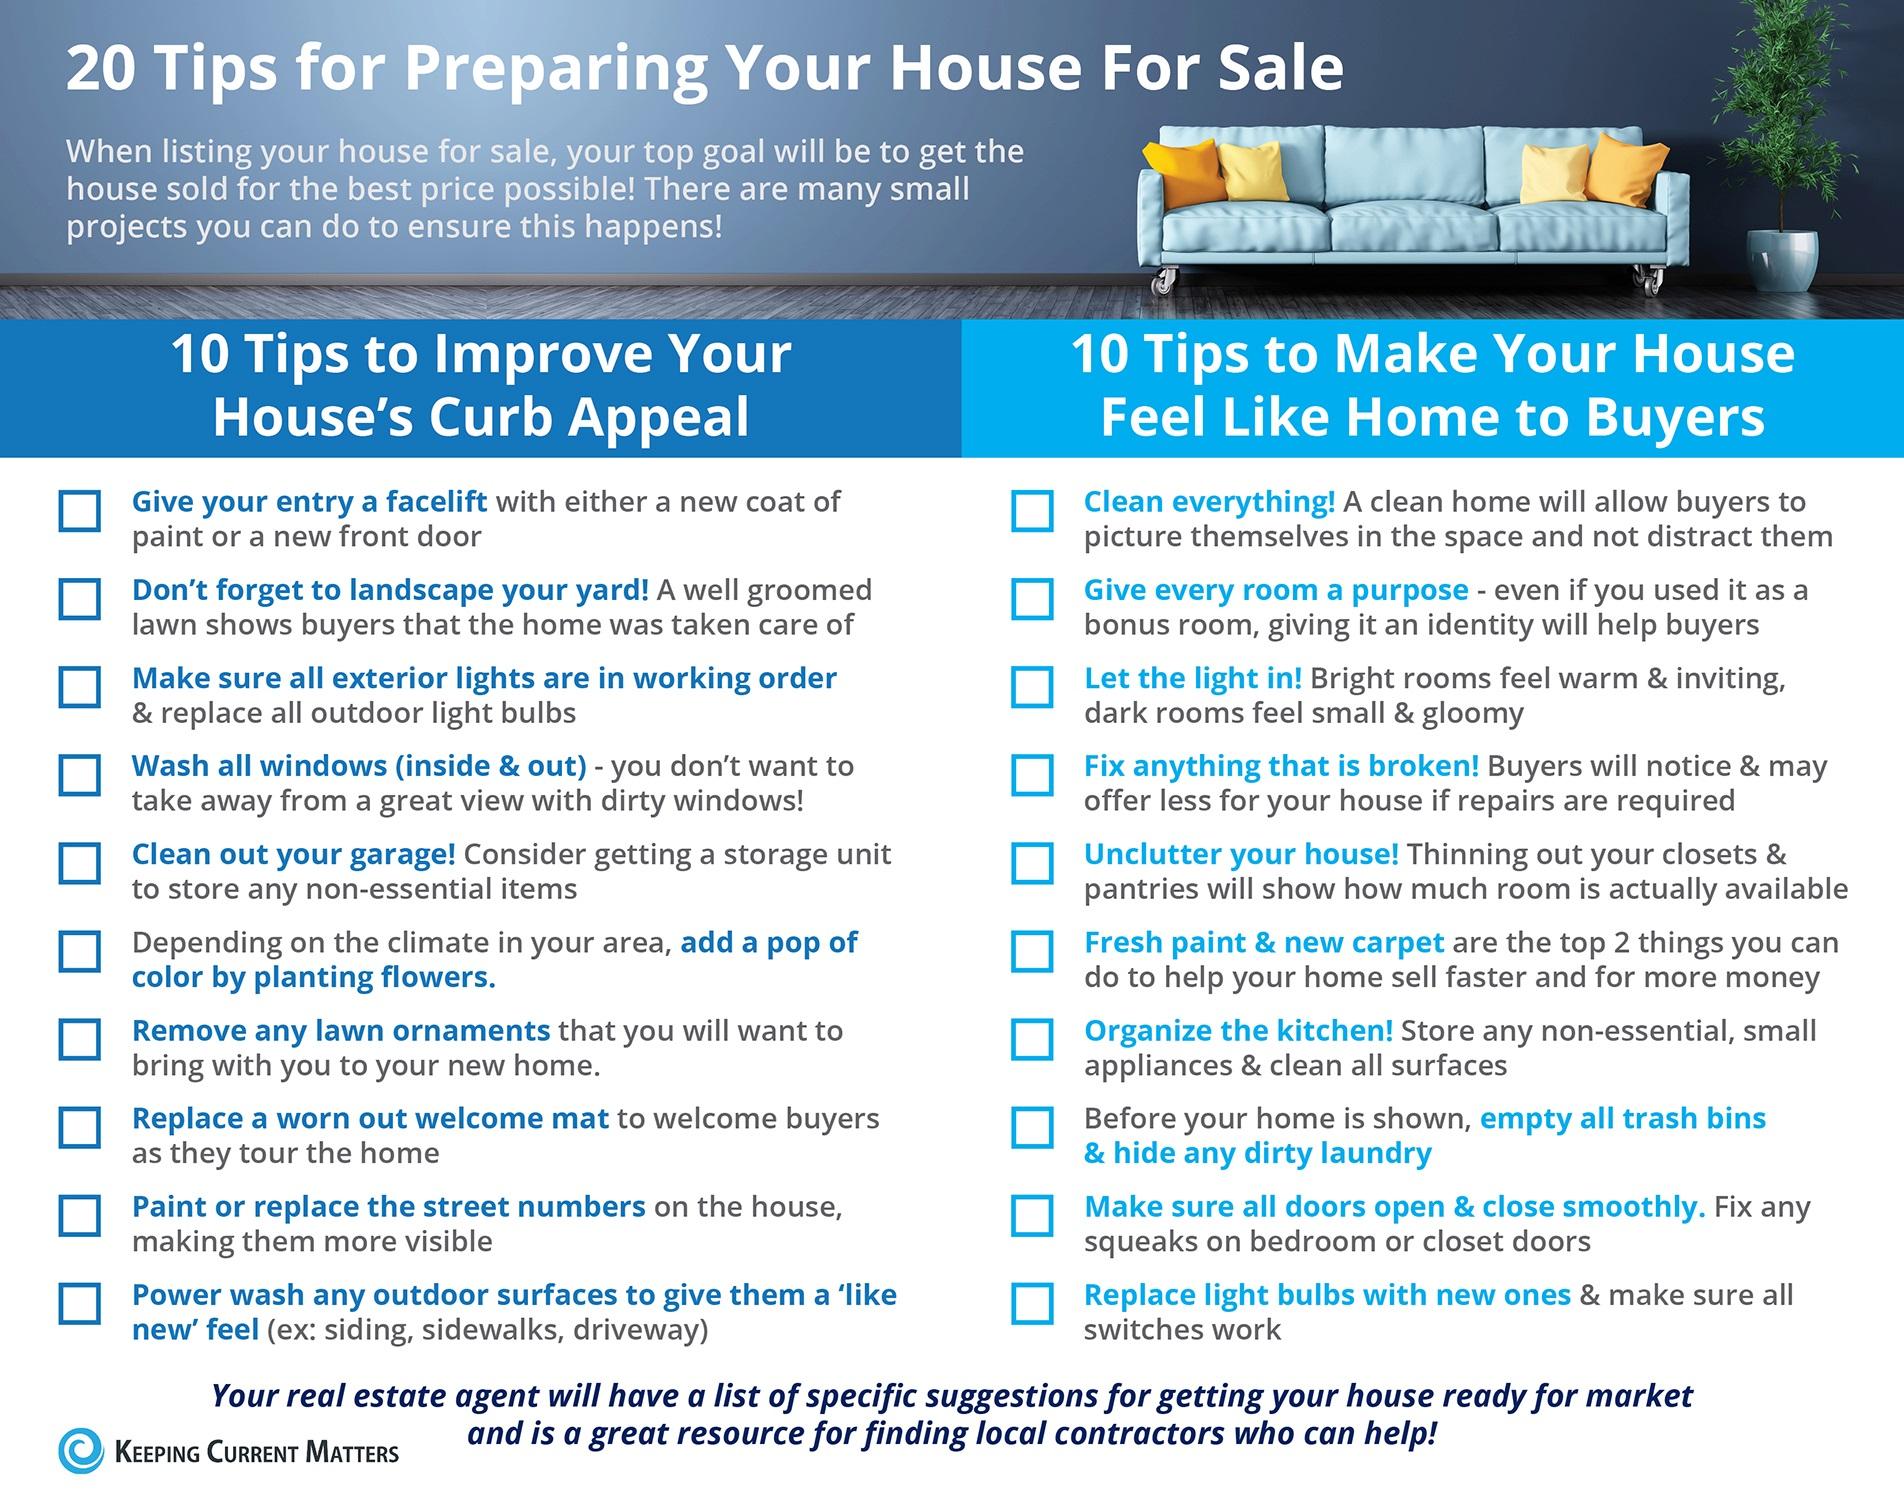 20 tips for spring sale prep